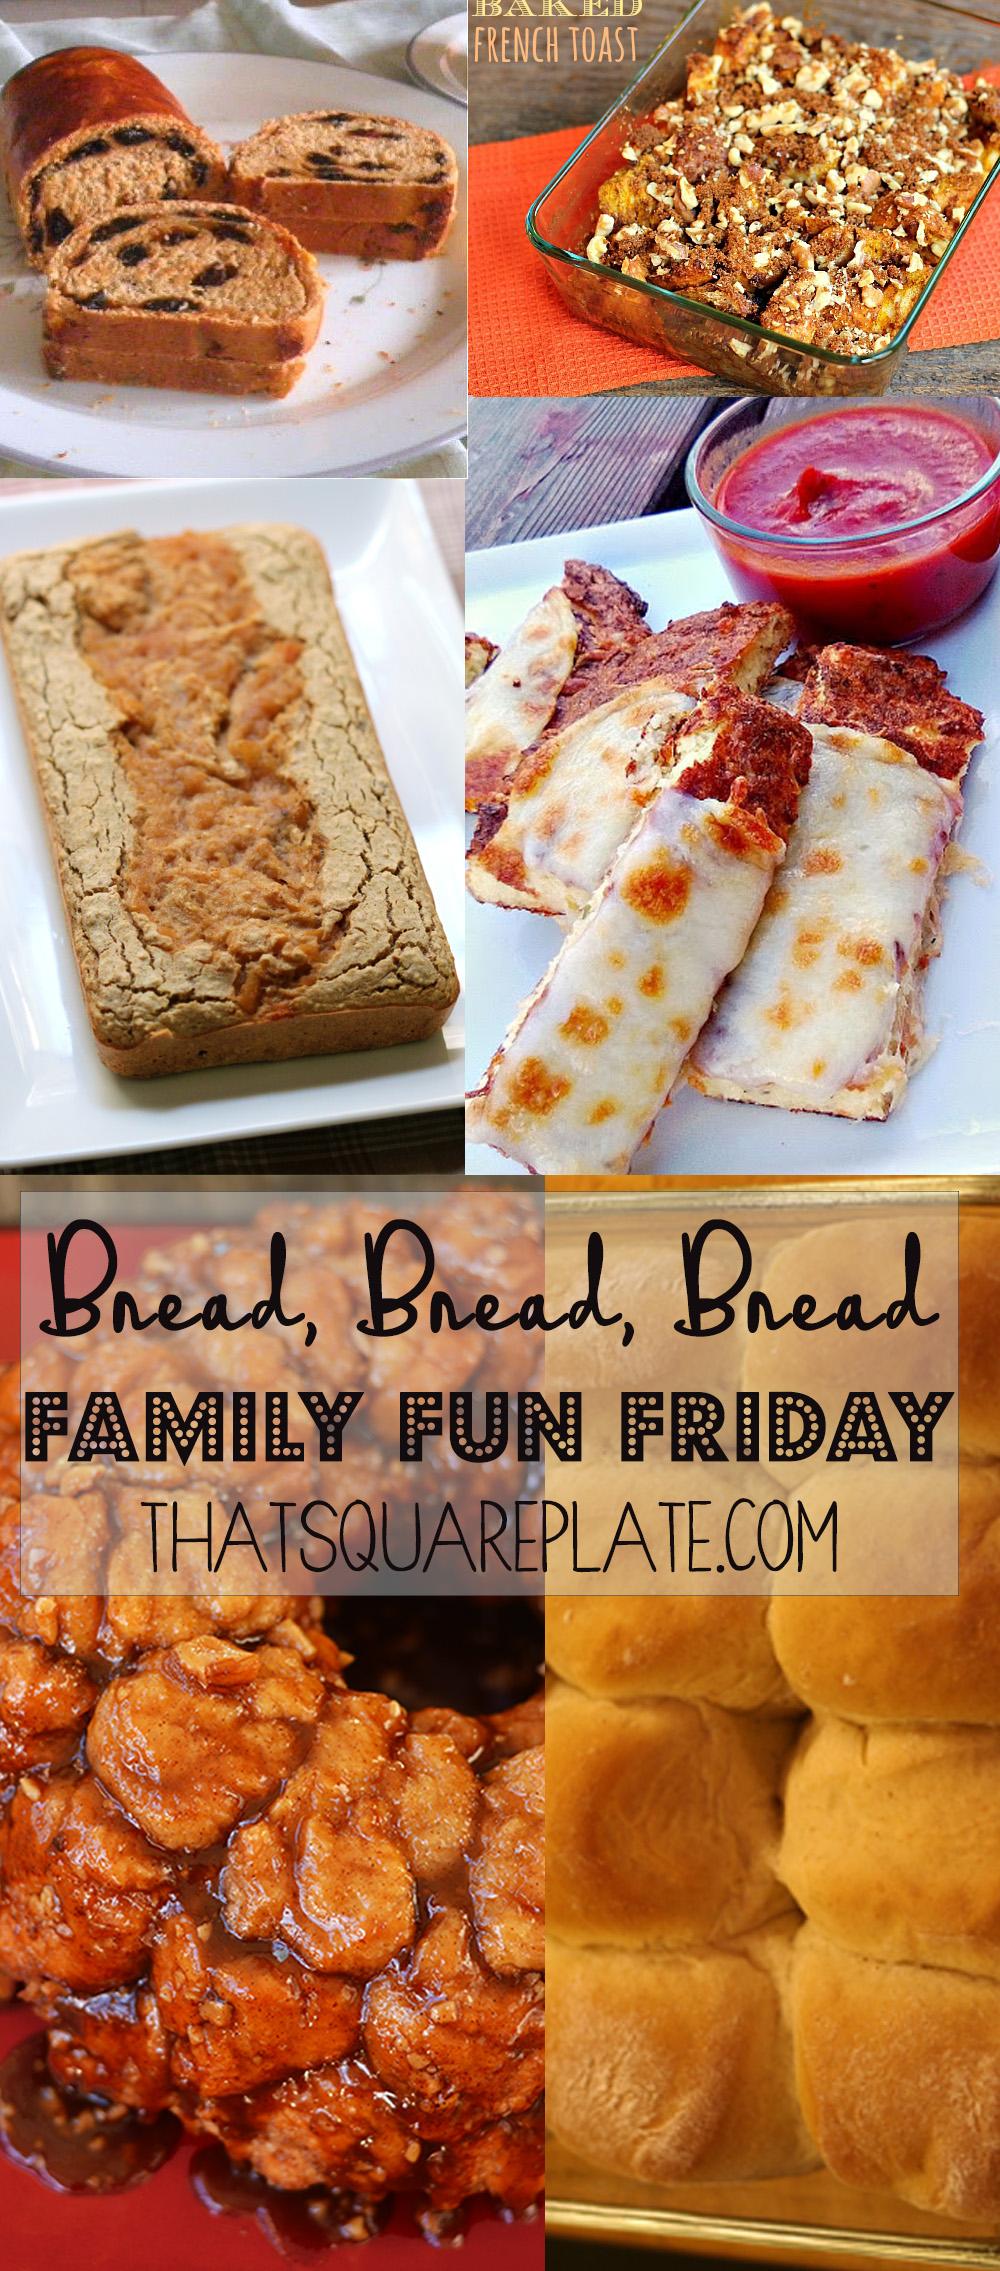 Bread Bread Bread - square plate 10.15